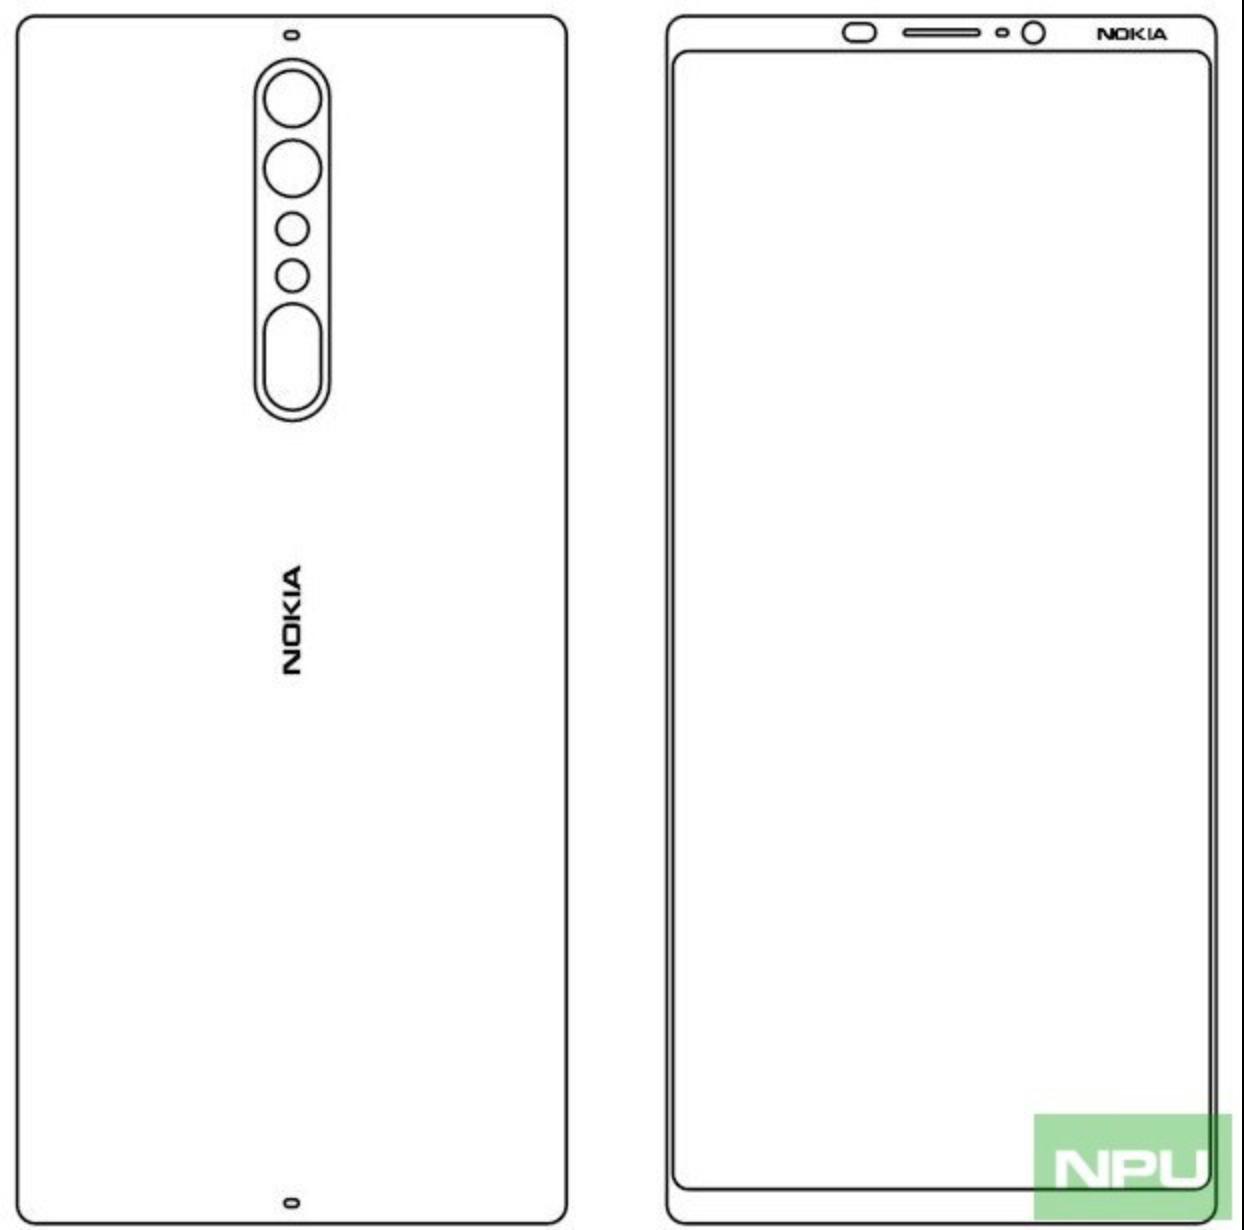 Nokia 9 Zeichnung